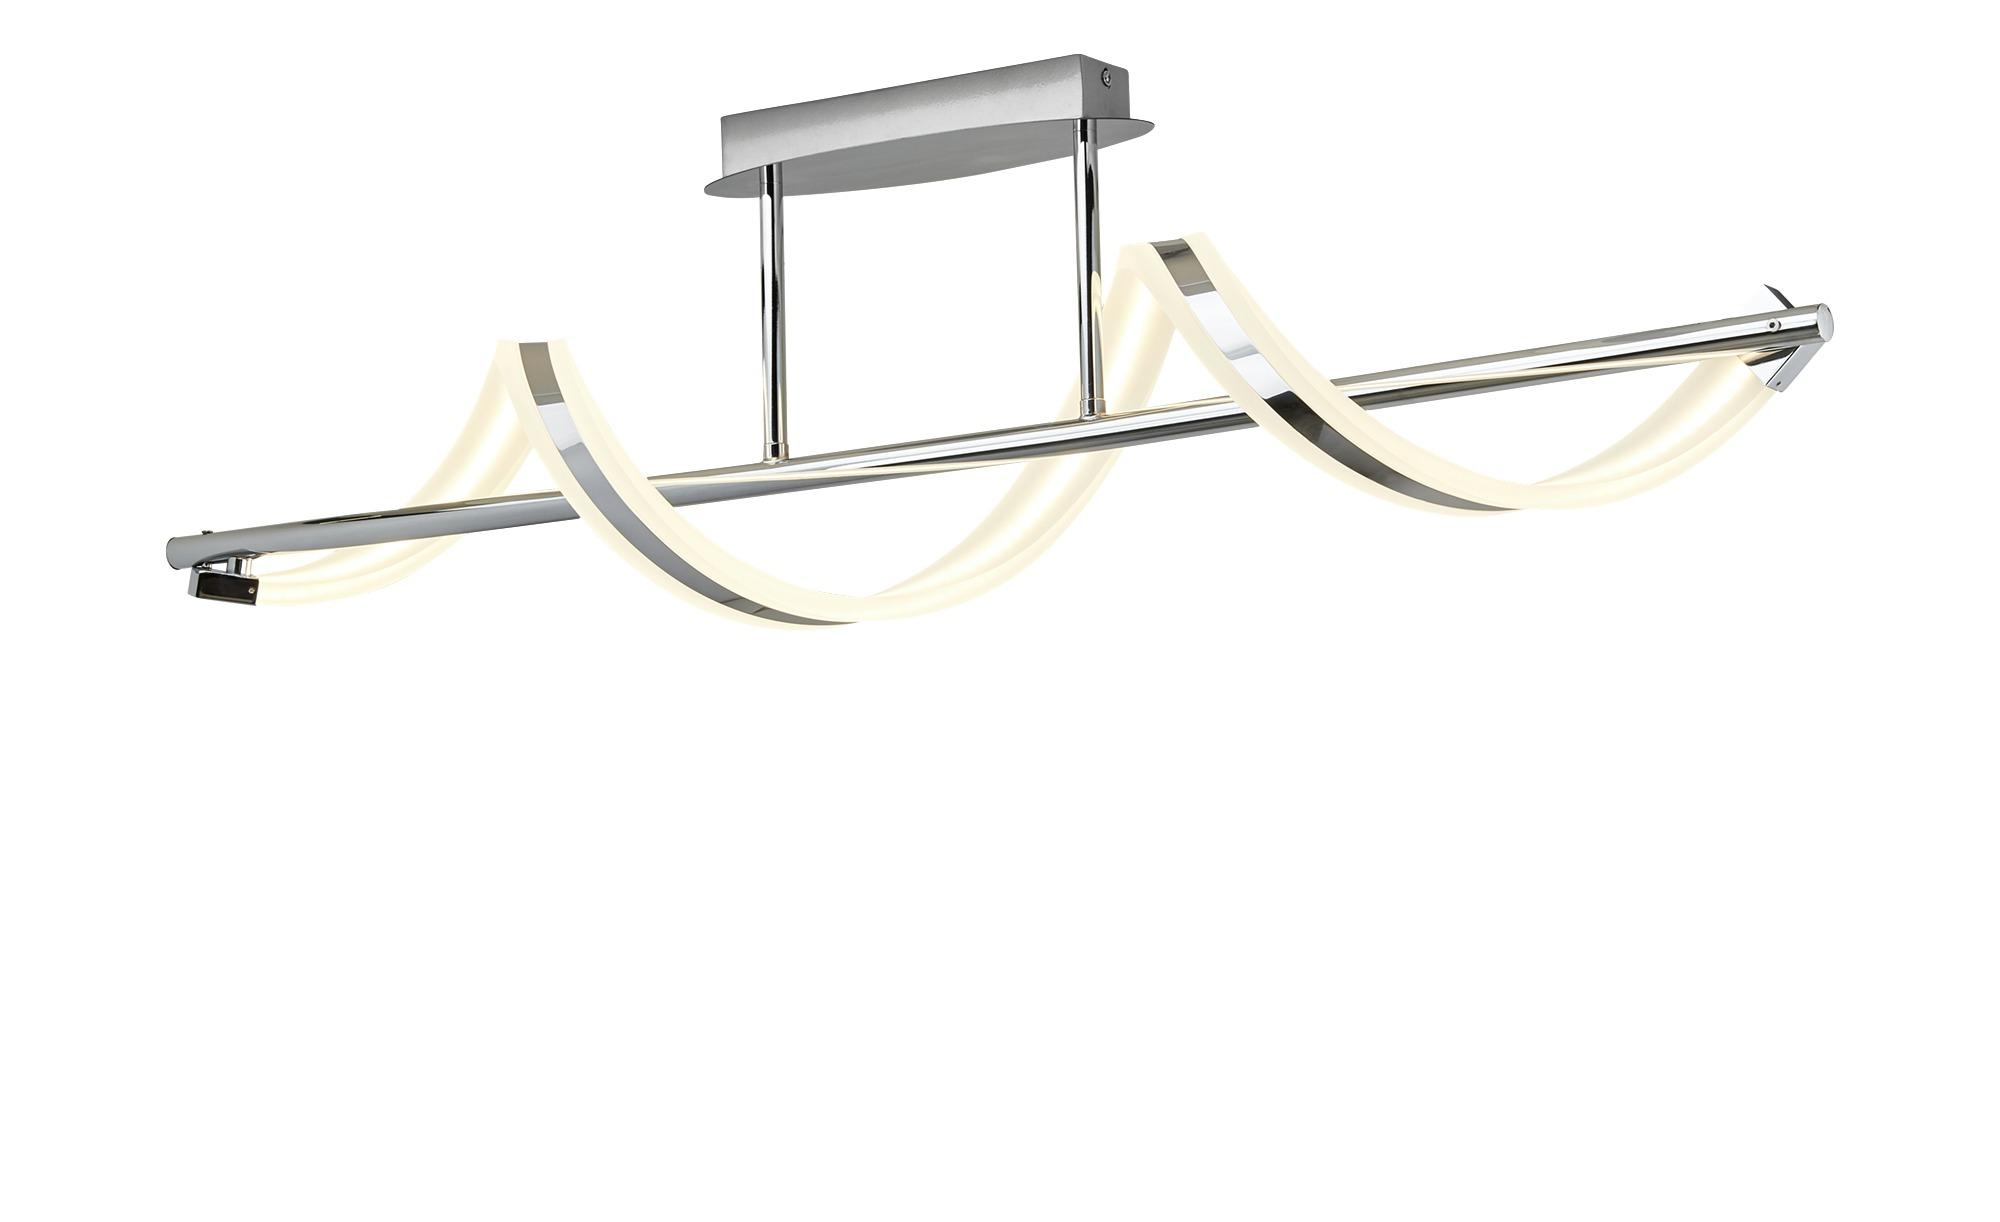 Trio LED-Deckenleuchte, chrom, Acryl geschwungen ¦ silber ¦ Maße (cm): B: 18 H: 27 Lampen & Leuchten > Innenleuchten > Deckenleuchten - Höffner